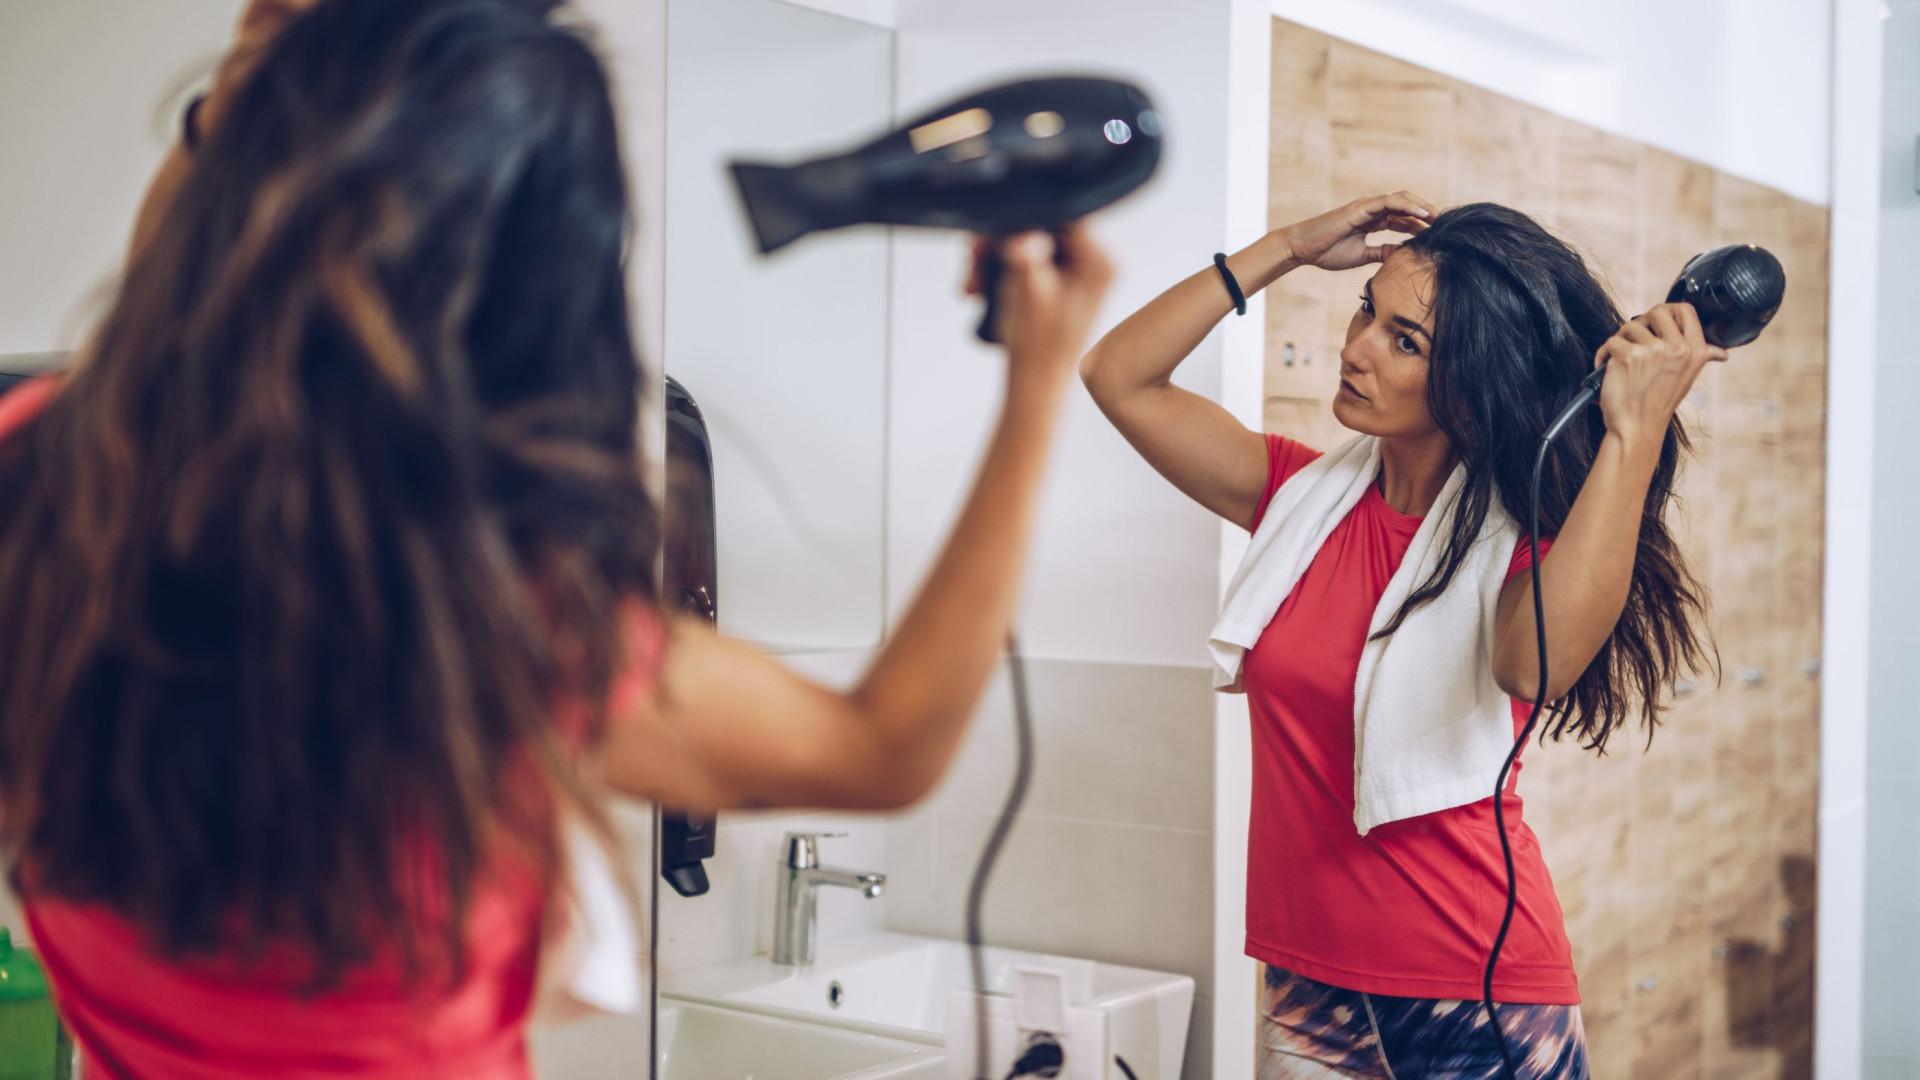 7 objetos que não devem ser guardados no banheiro